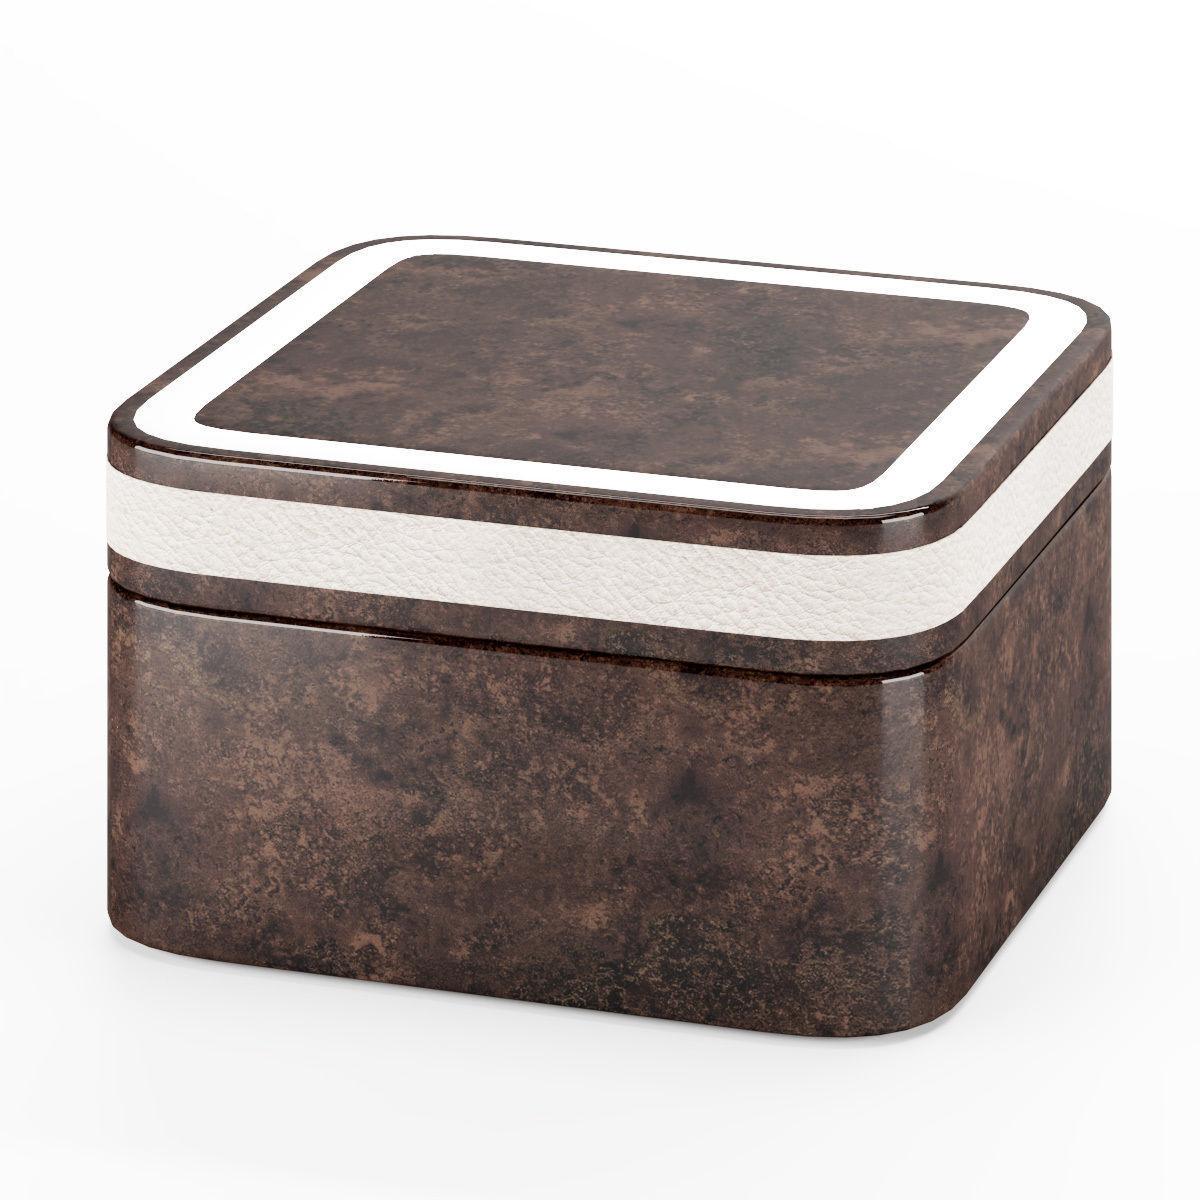 Box Verwood Bentley Home